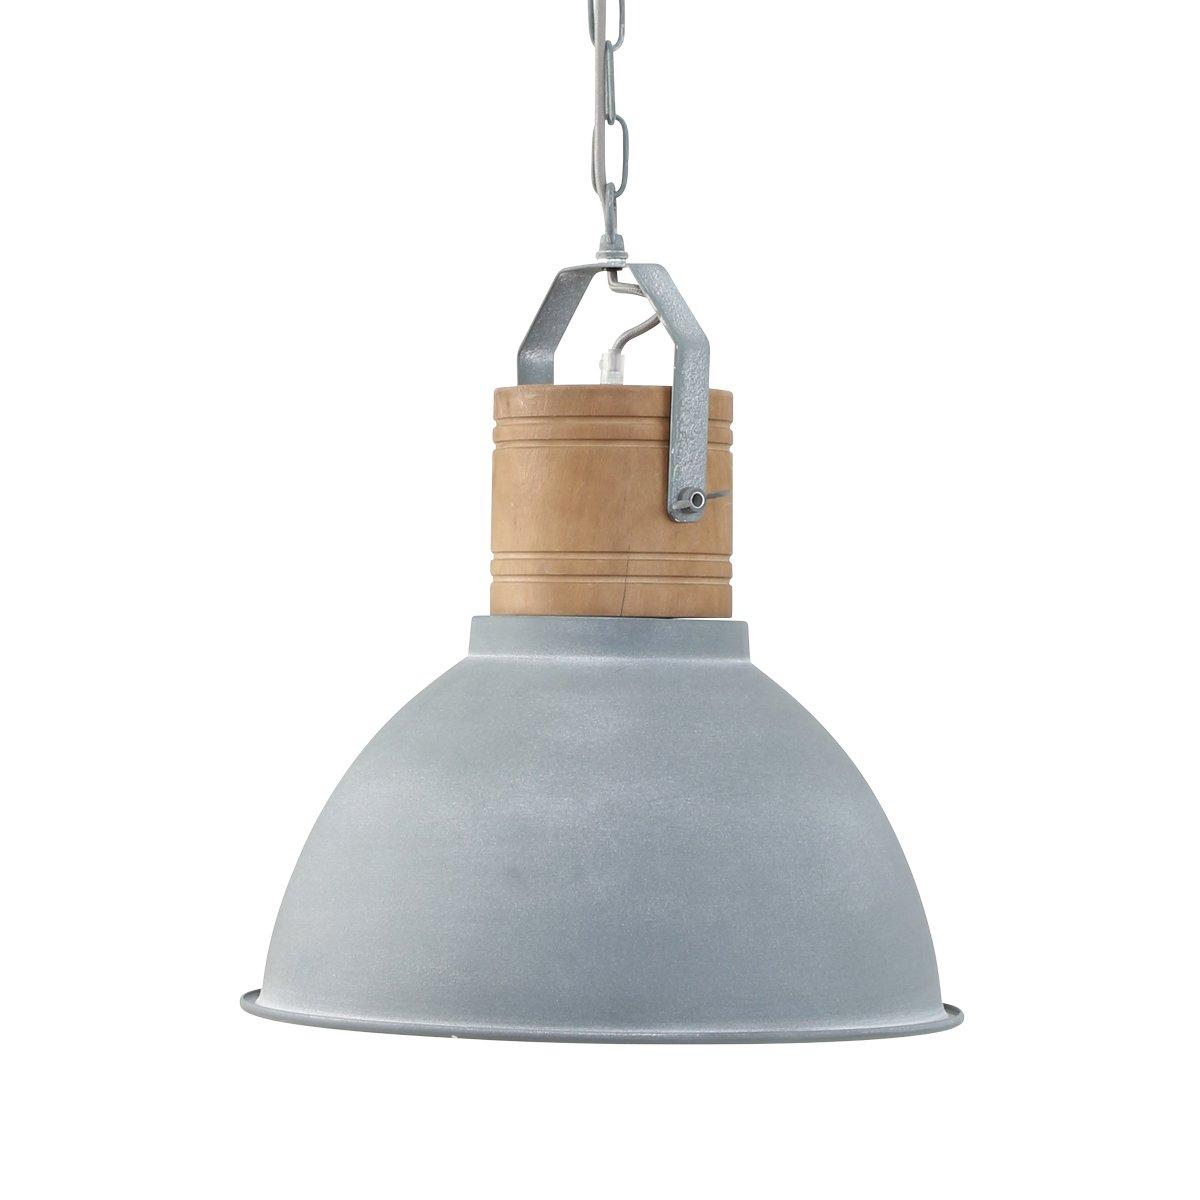 Steinhauer Landelijke hanglamp Denzel 38 Steinhauer 7781GR